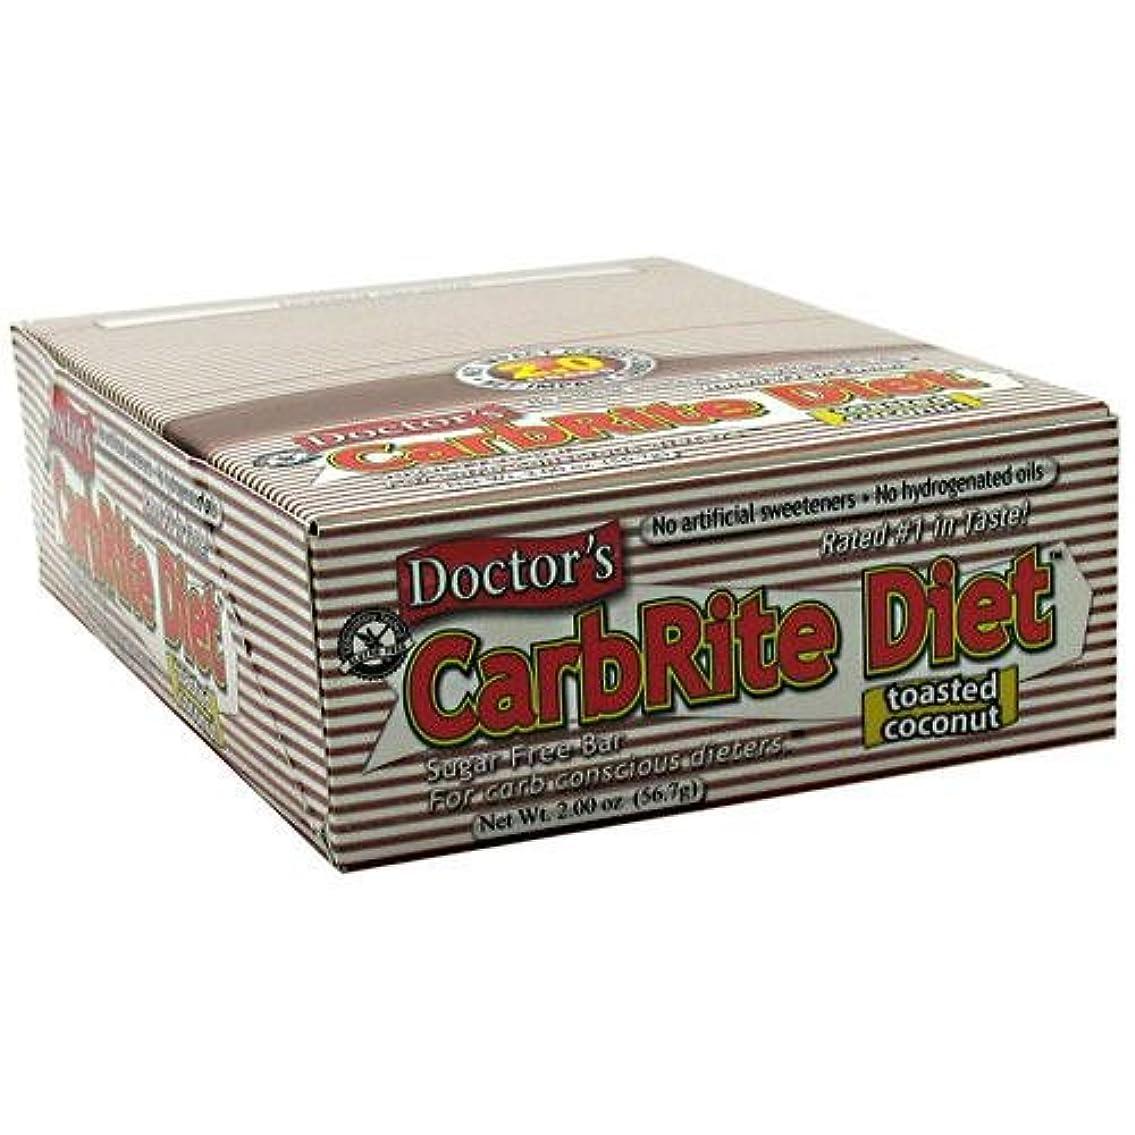 同一性ミッション容疑者Doctor's CarbRite Diet Toasted Coconut Bars, 2 oz, 12 count by Universal Nutrition